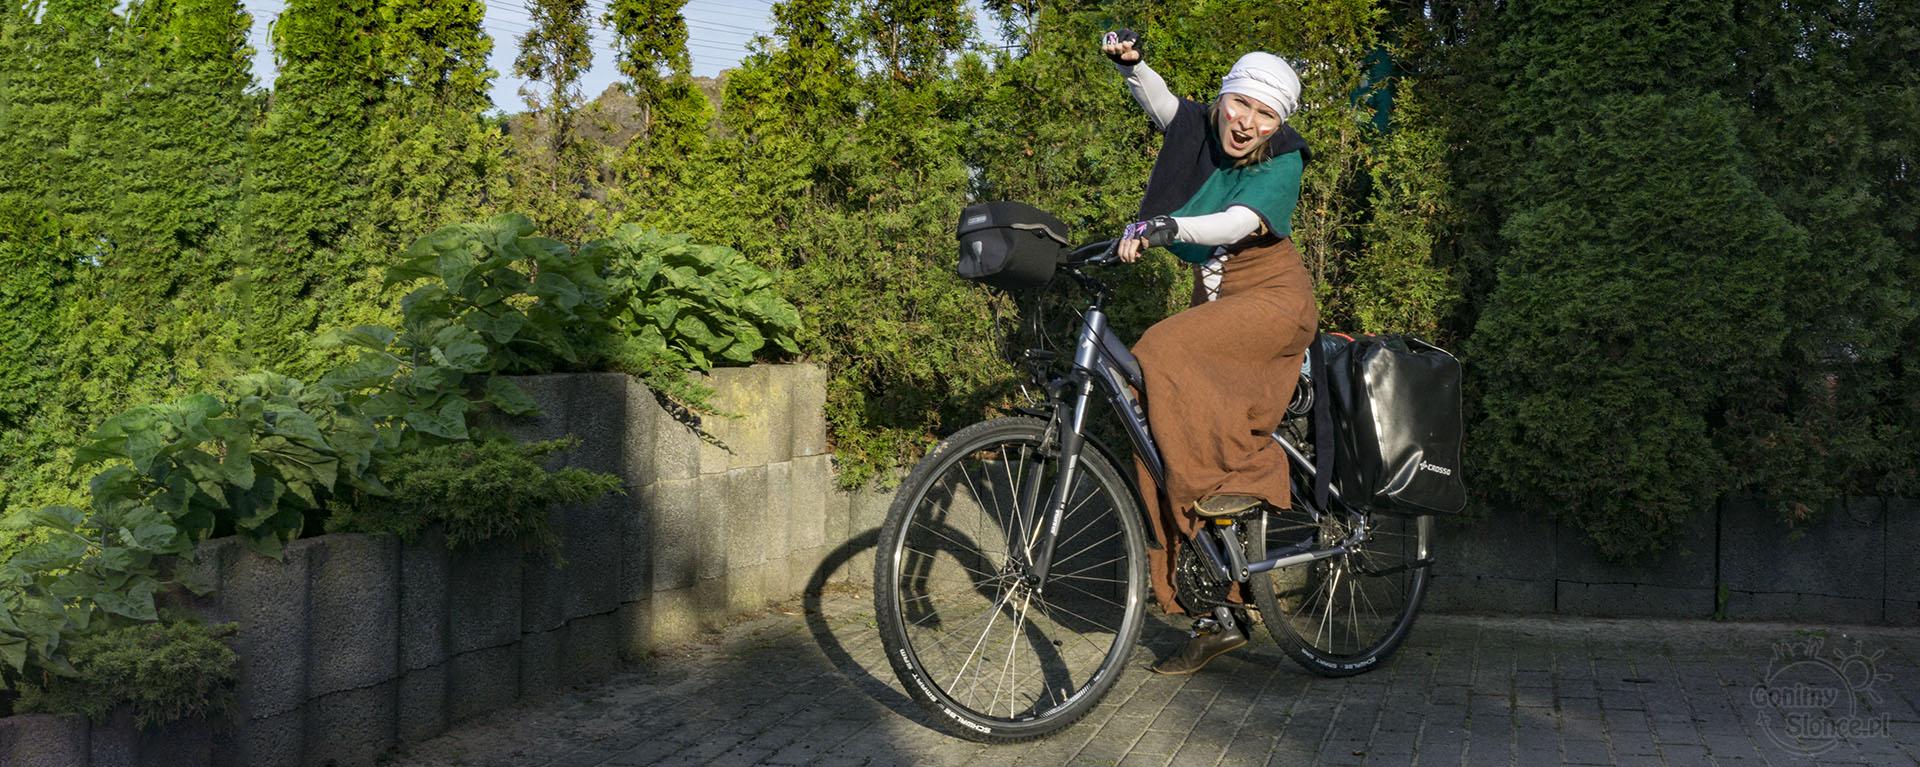 Wyprawy rowerowe też dla kobiet - go girl!